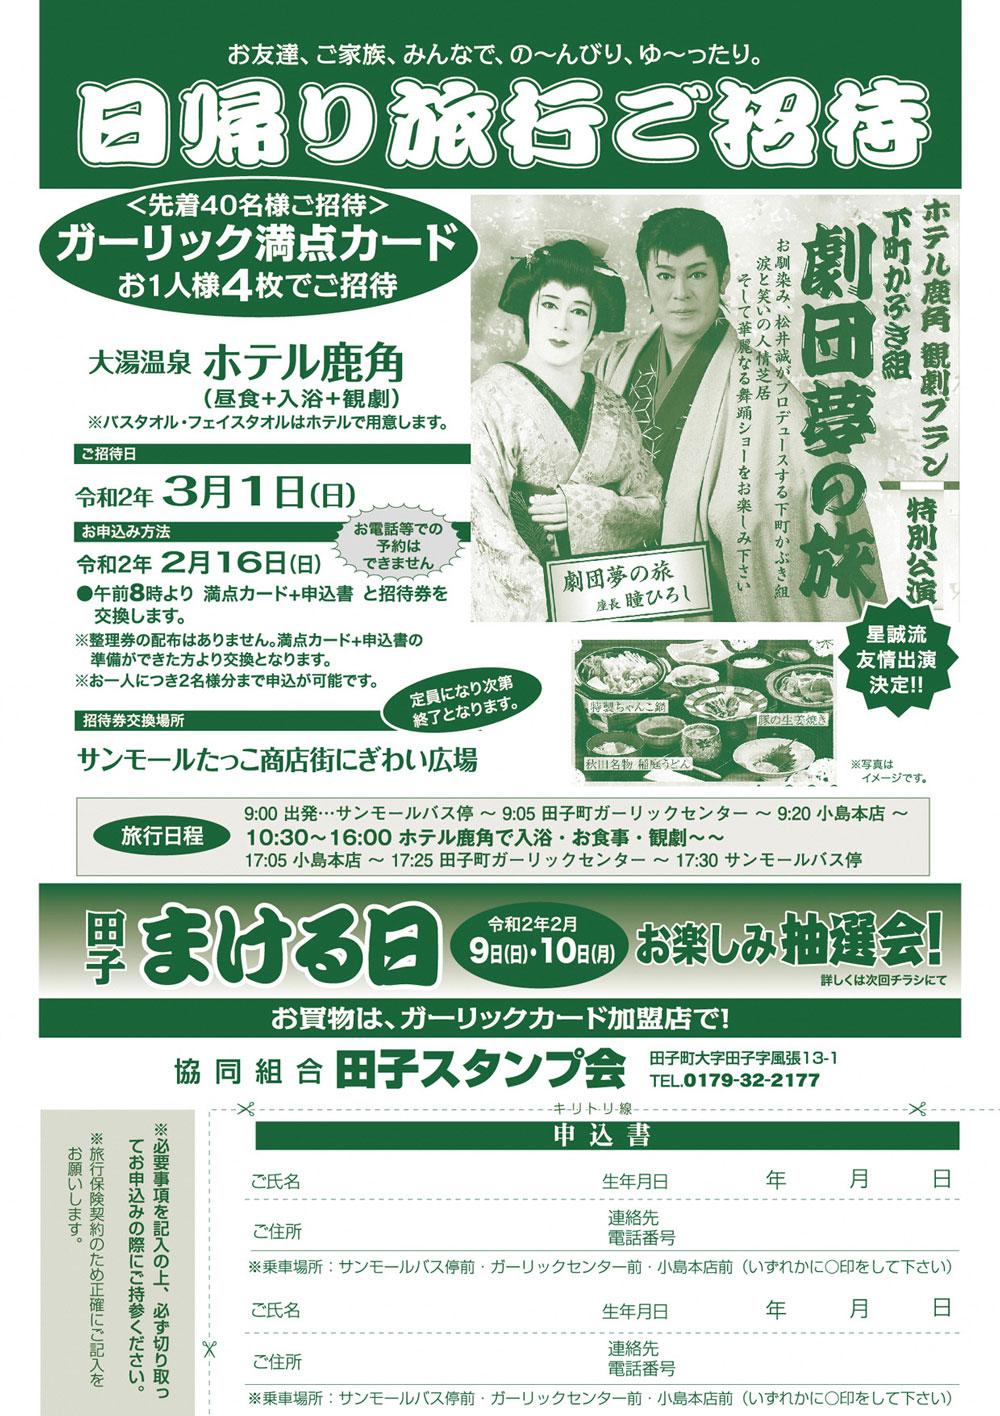 田子まける日 2/9 2/10 チラシ 日帰り旅行招待